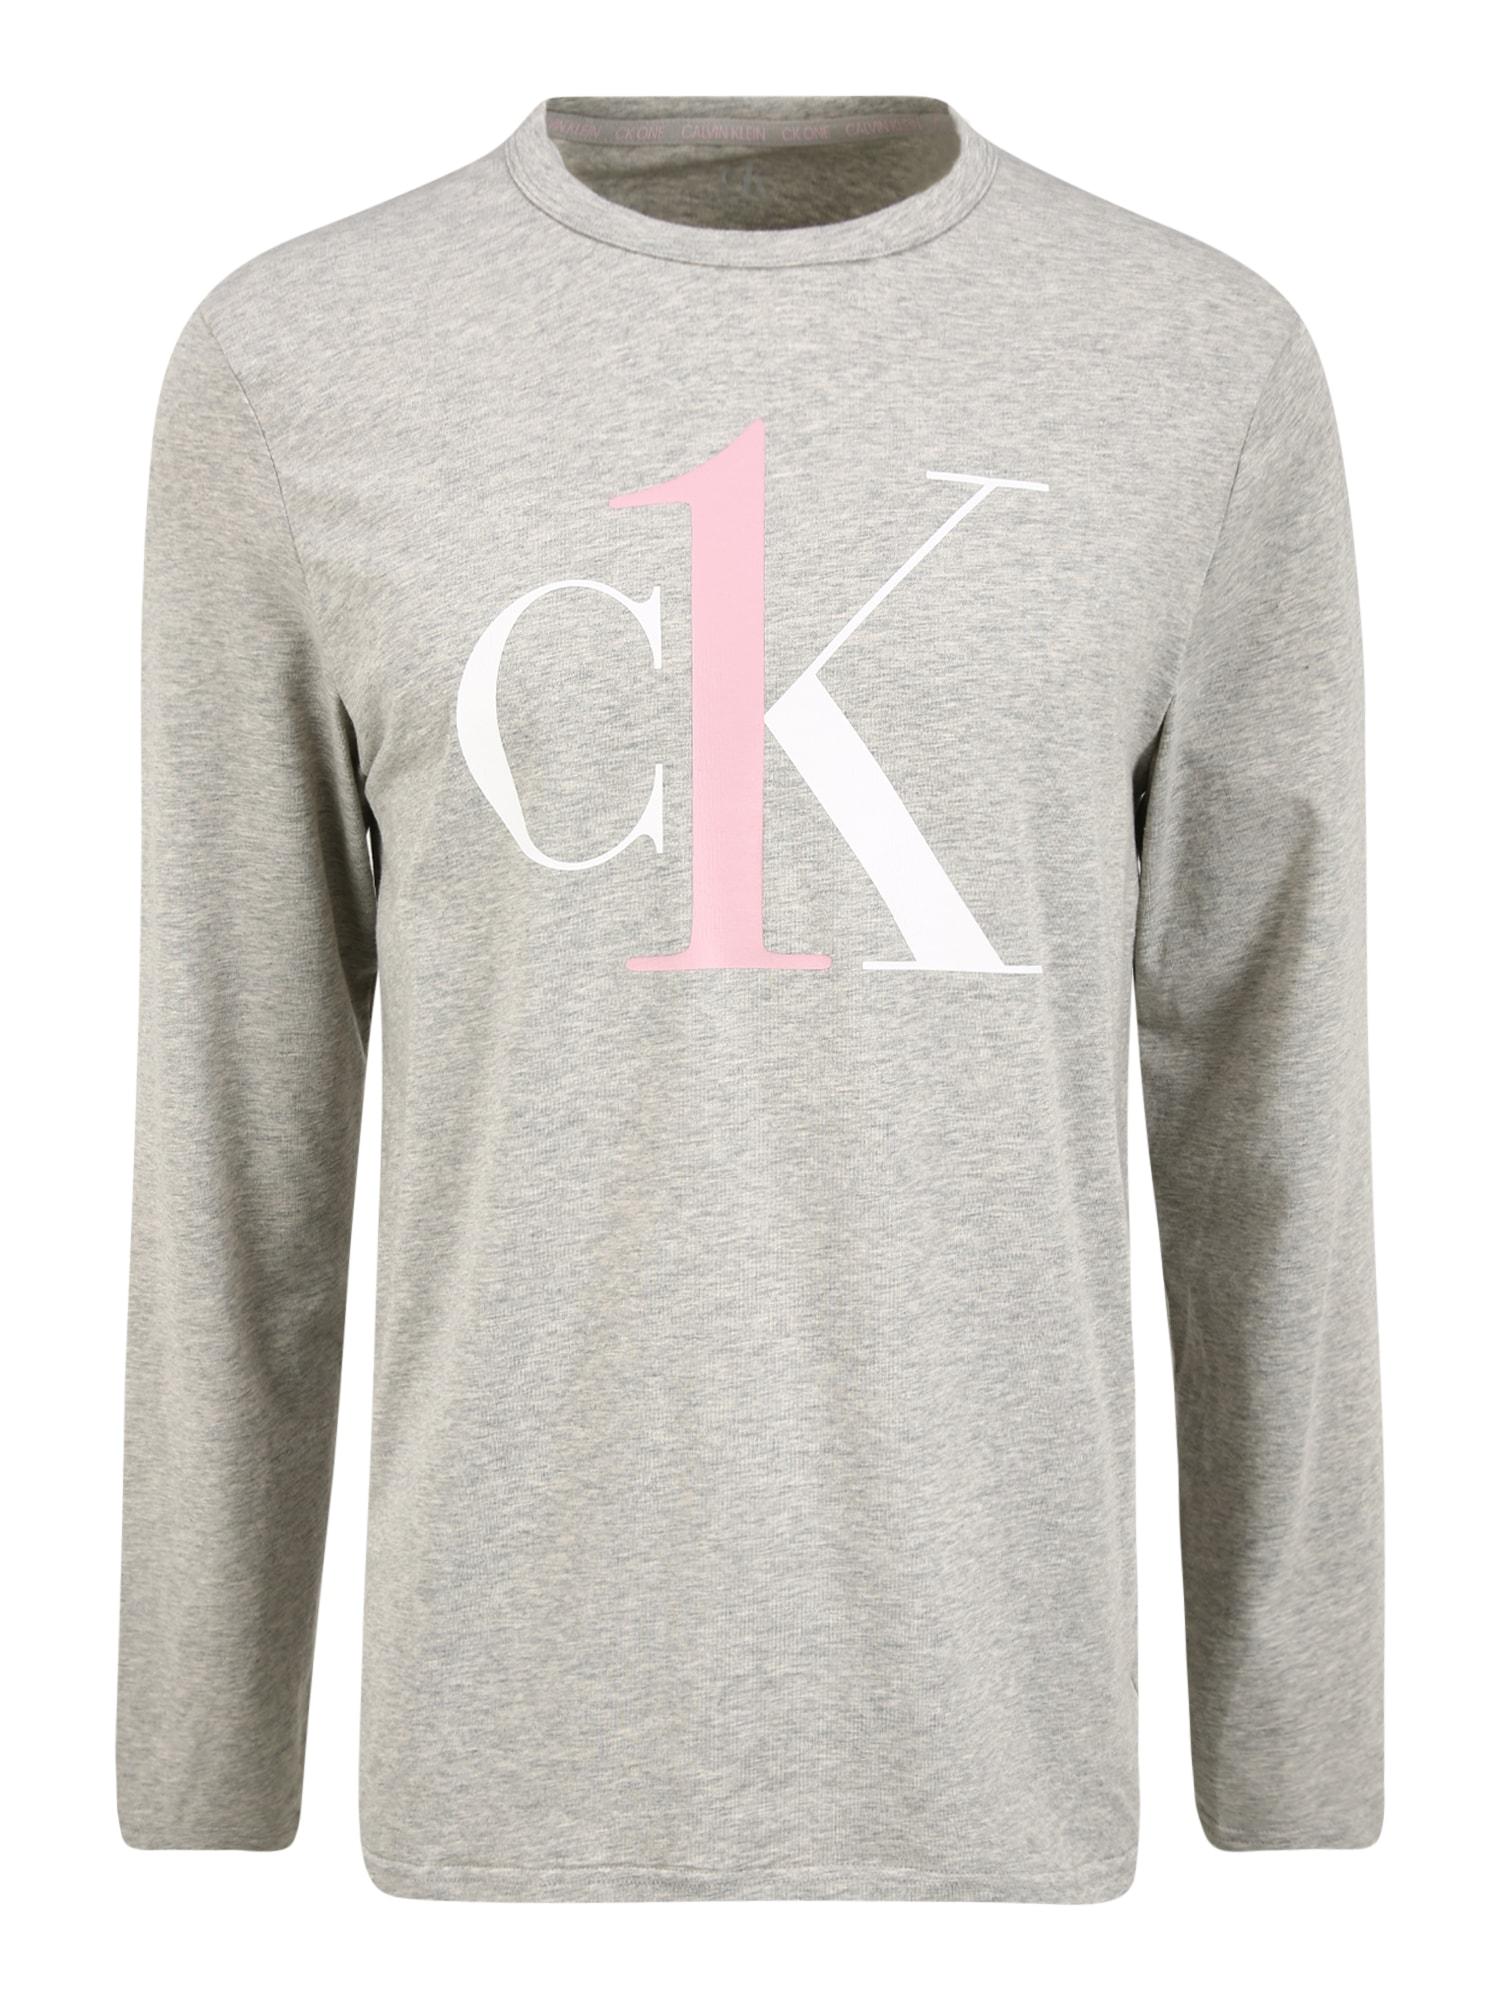 Calvin Klein Underwear Marškinėliai margai pilka / balta / rožių spalva